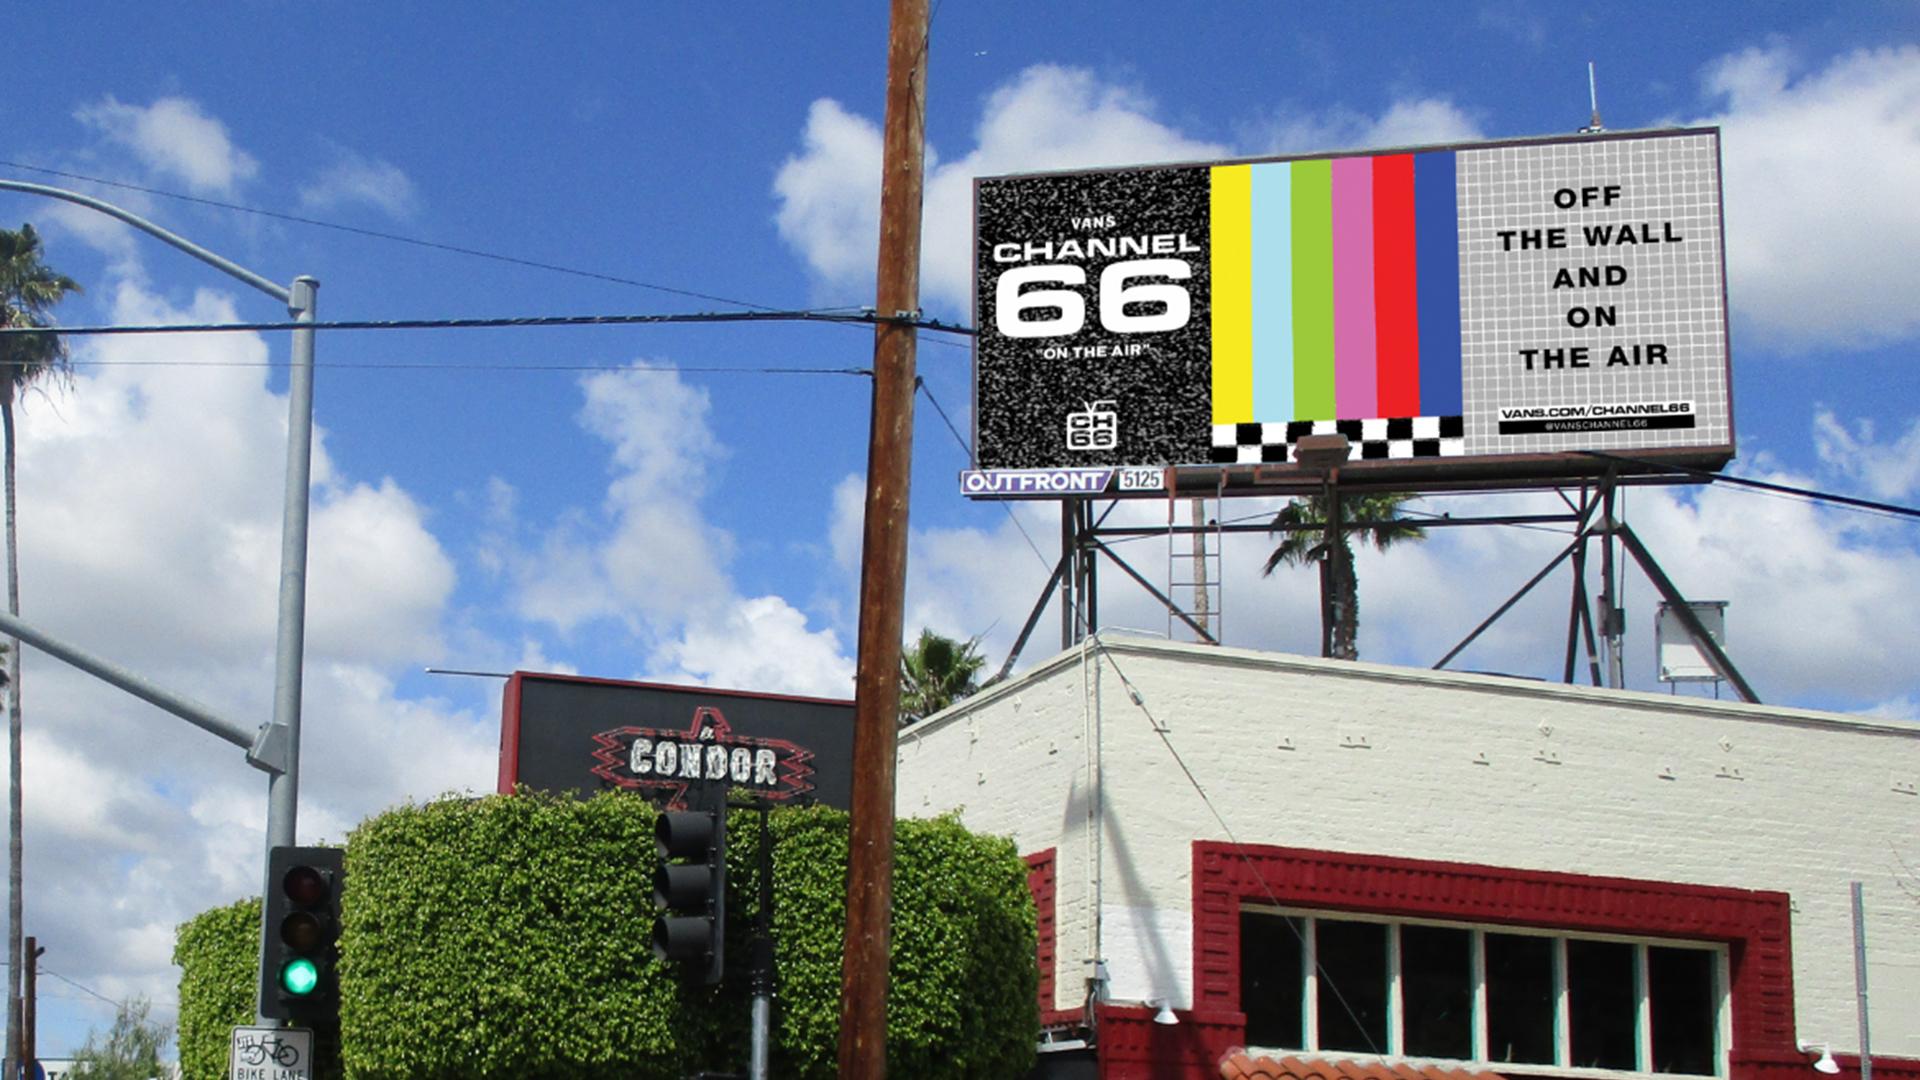 CDA_IG_OOH_LA-Billboard_Feed